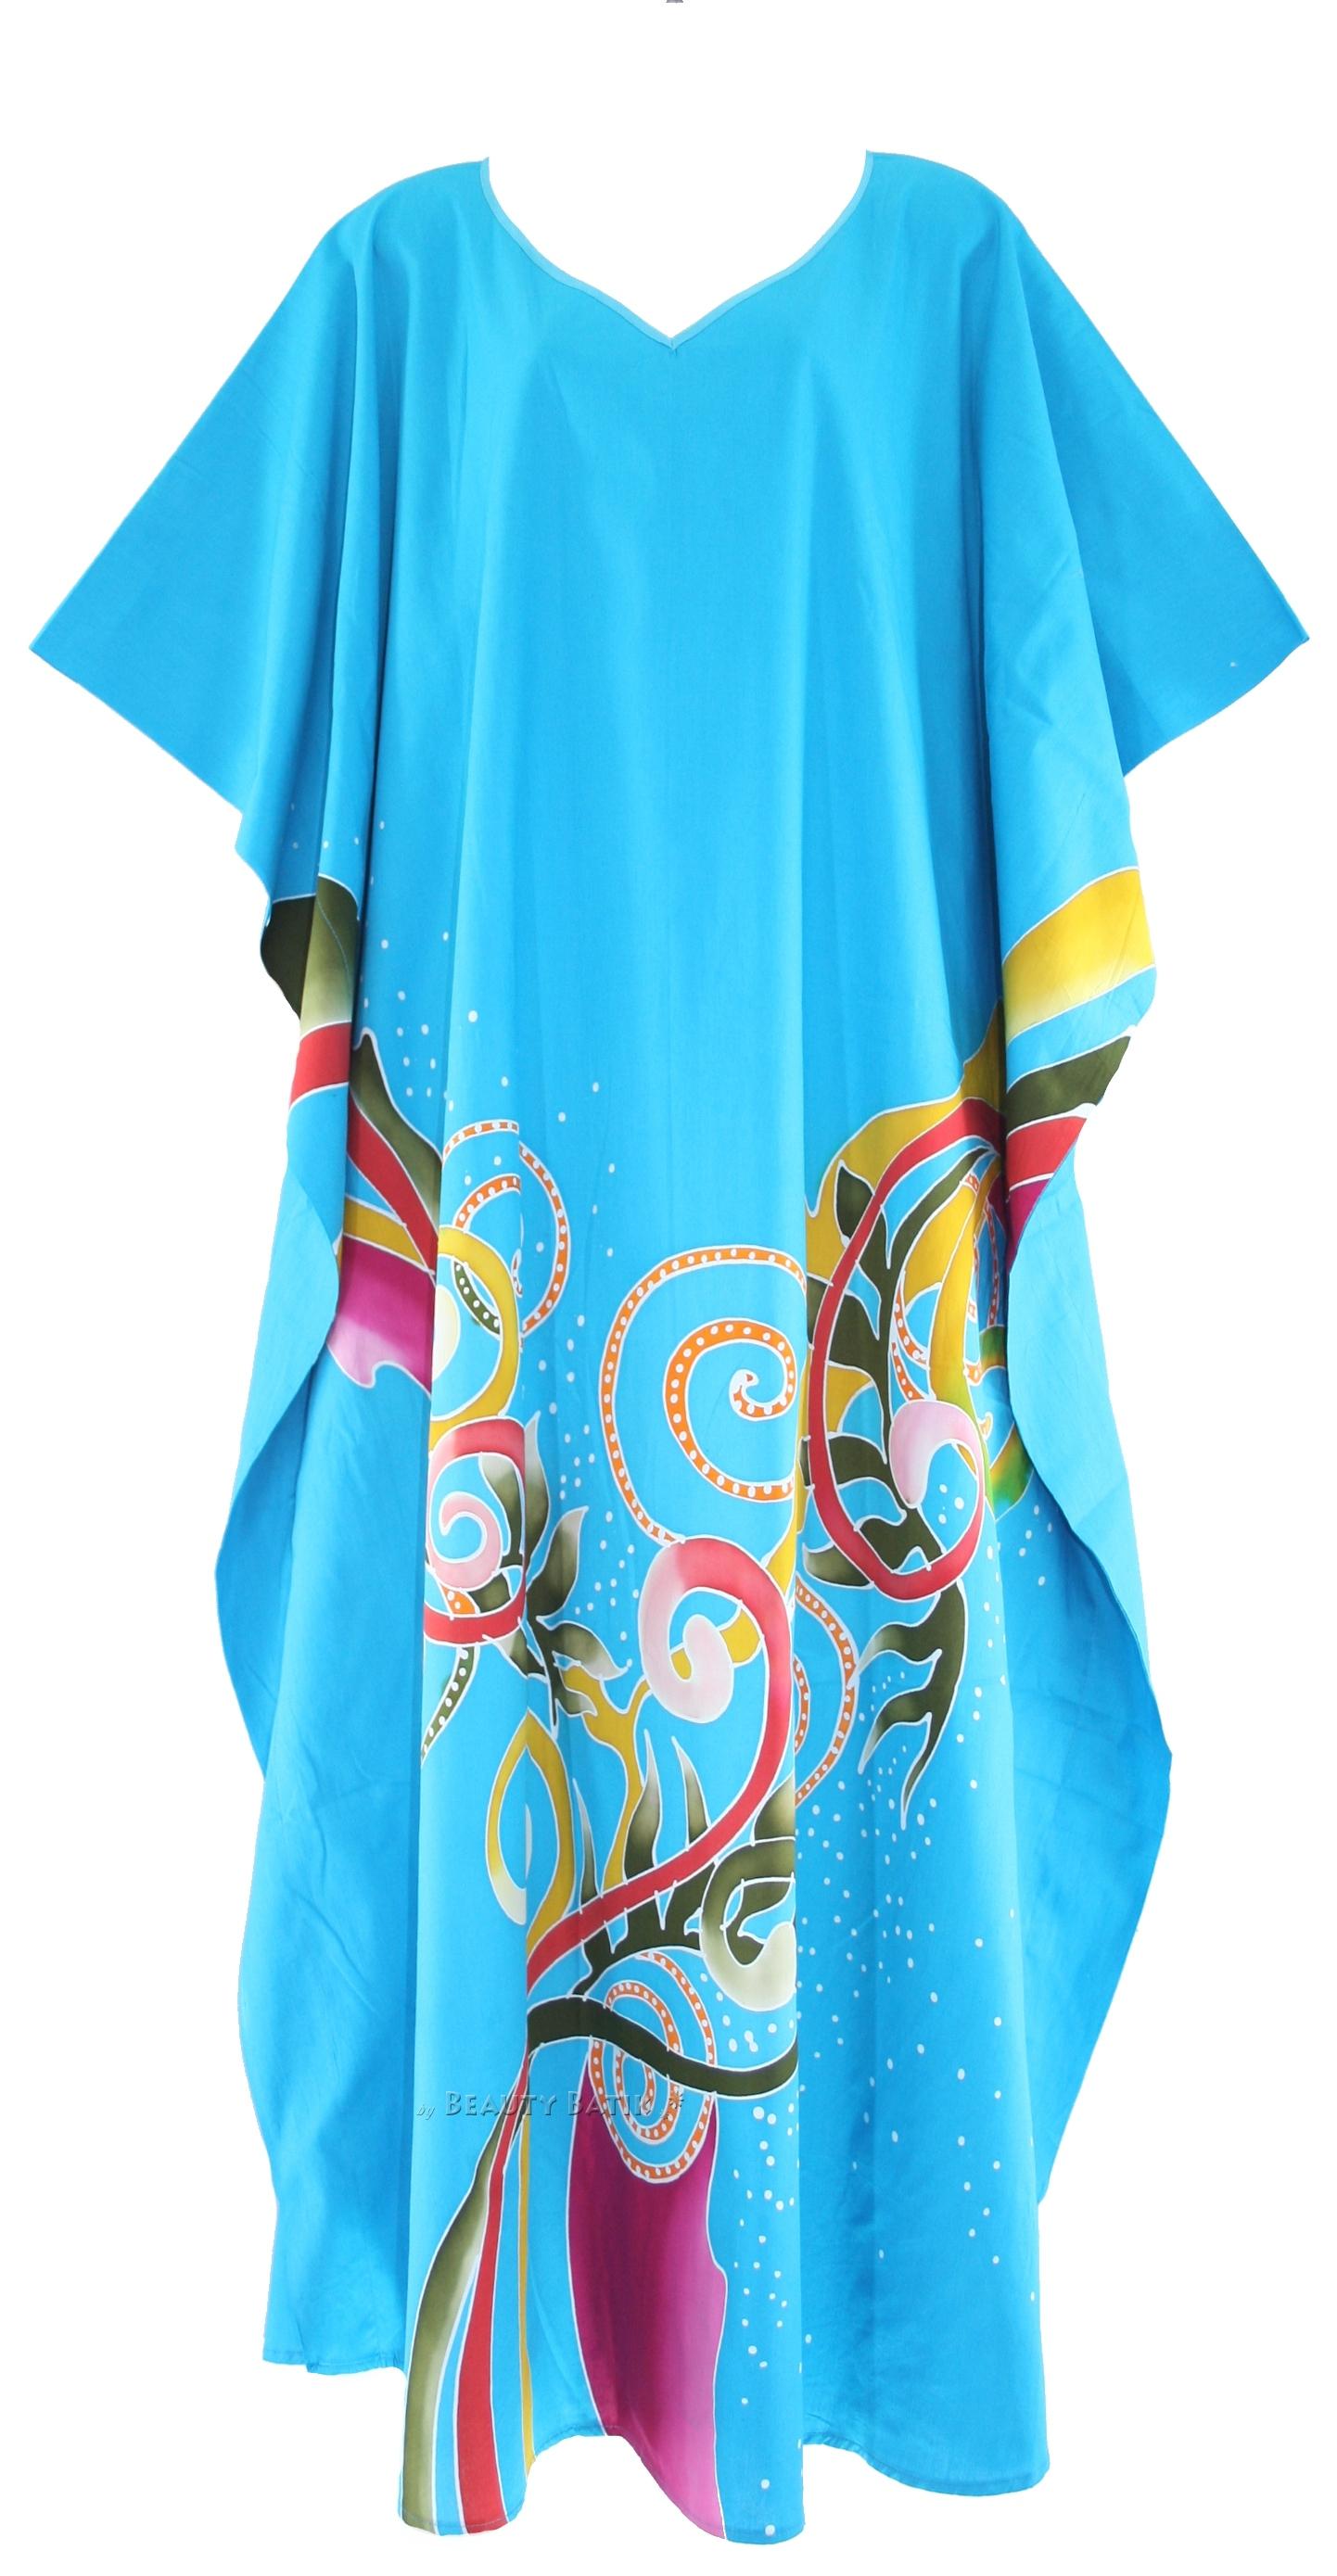 BLUE Batik Cotton Caftan Kaftan Loungewear Dress PLUS SZ 1X 2X 3X 4X ...